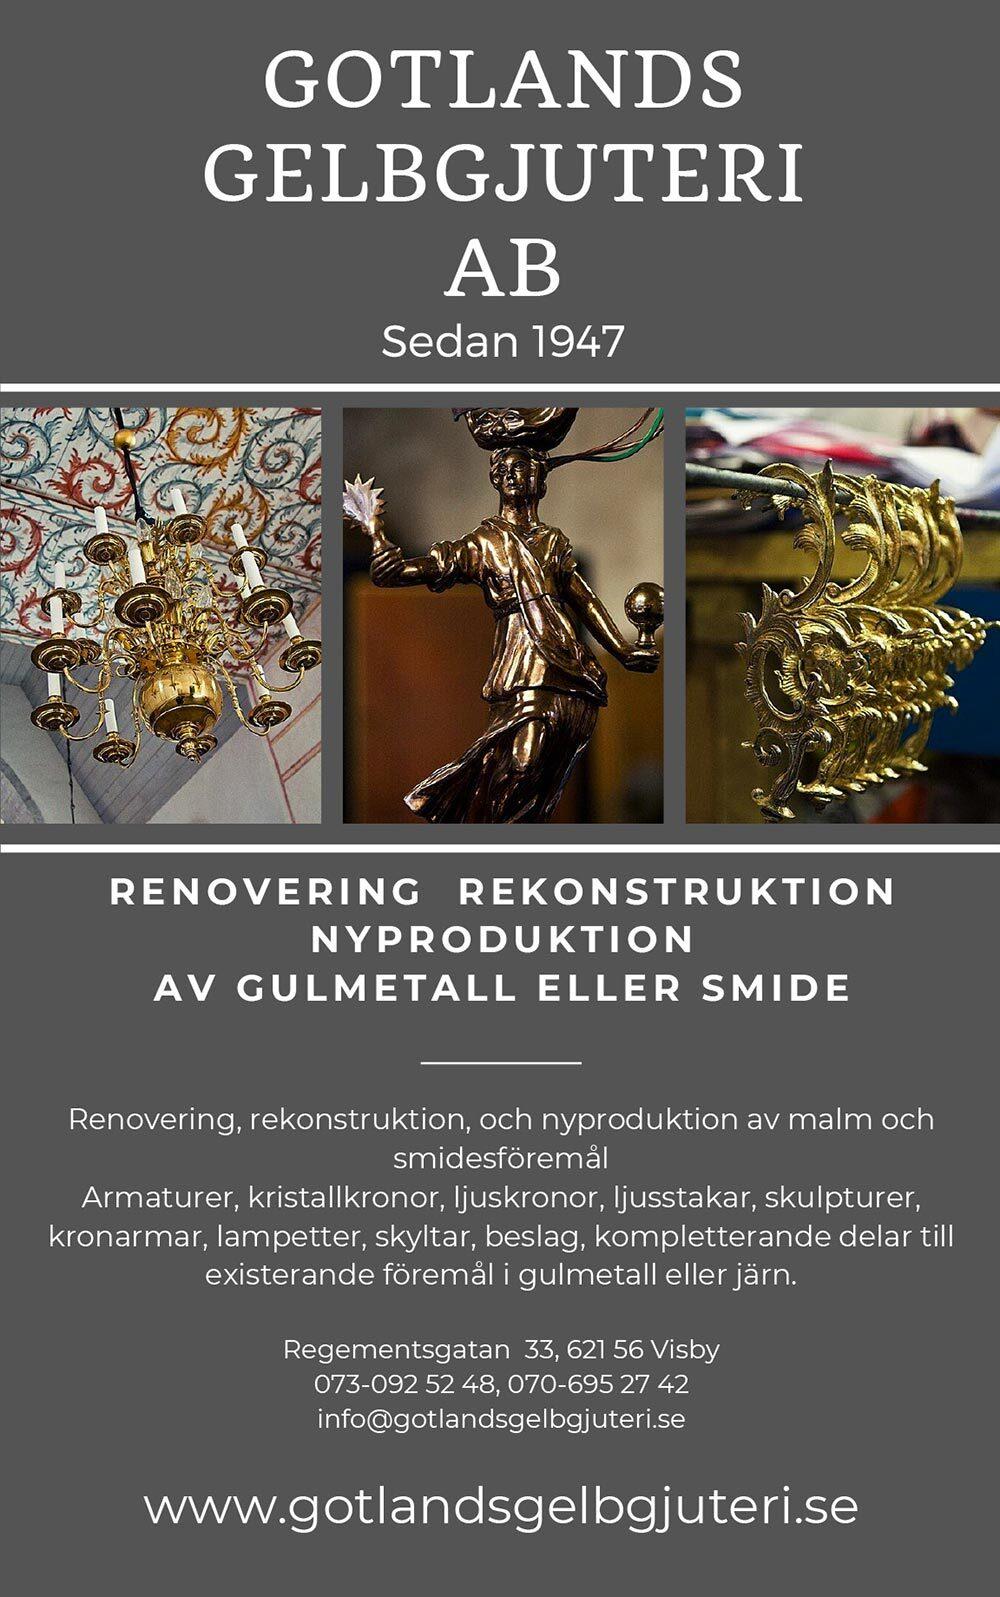 Gotlands_Gelbgjuteri_2021.jpg